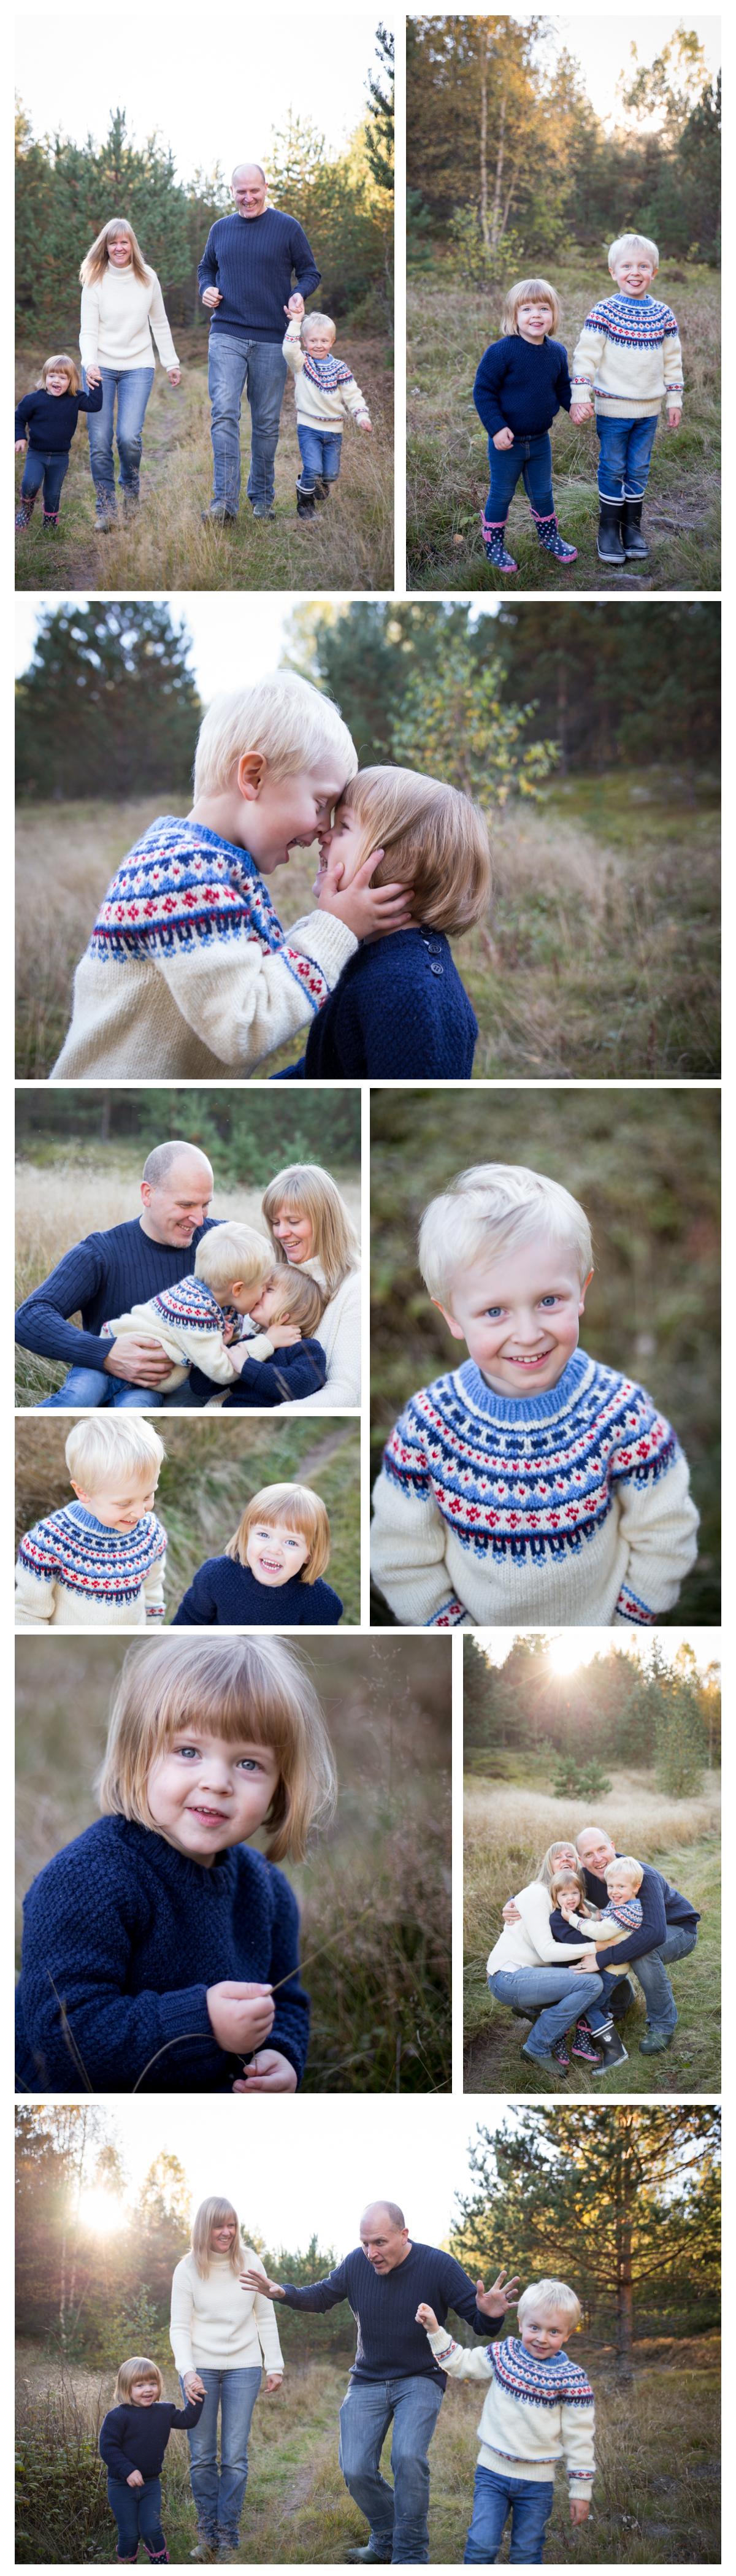 Barnfotograf och familjefotograf i borlänge dalarna, Fru Thorsell Fotografi